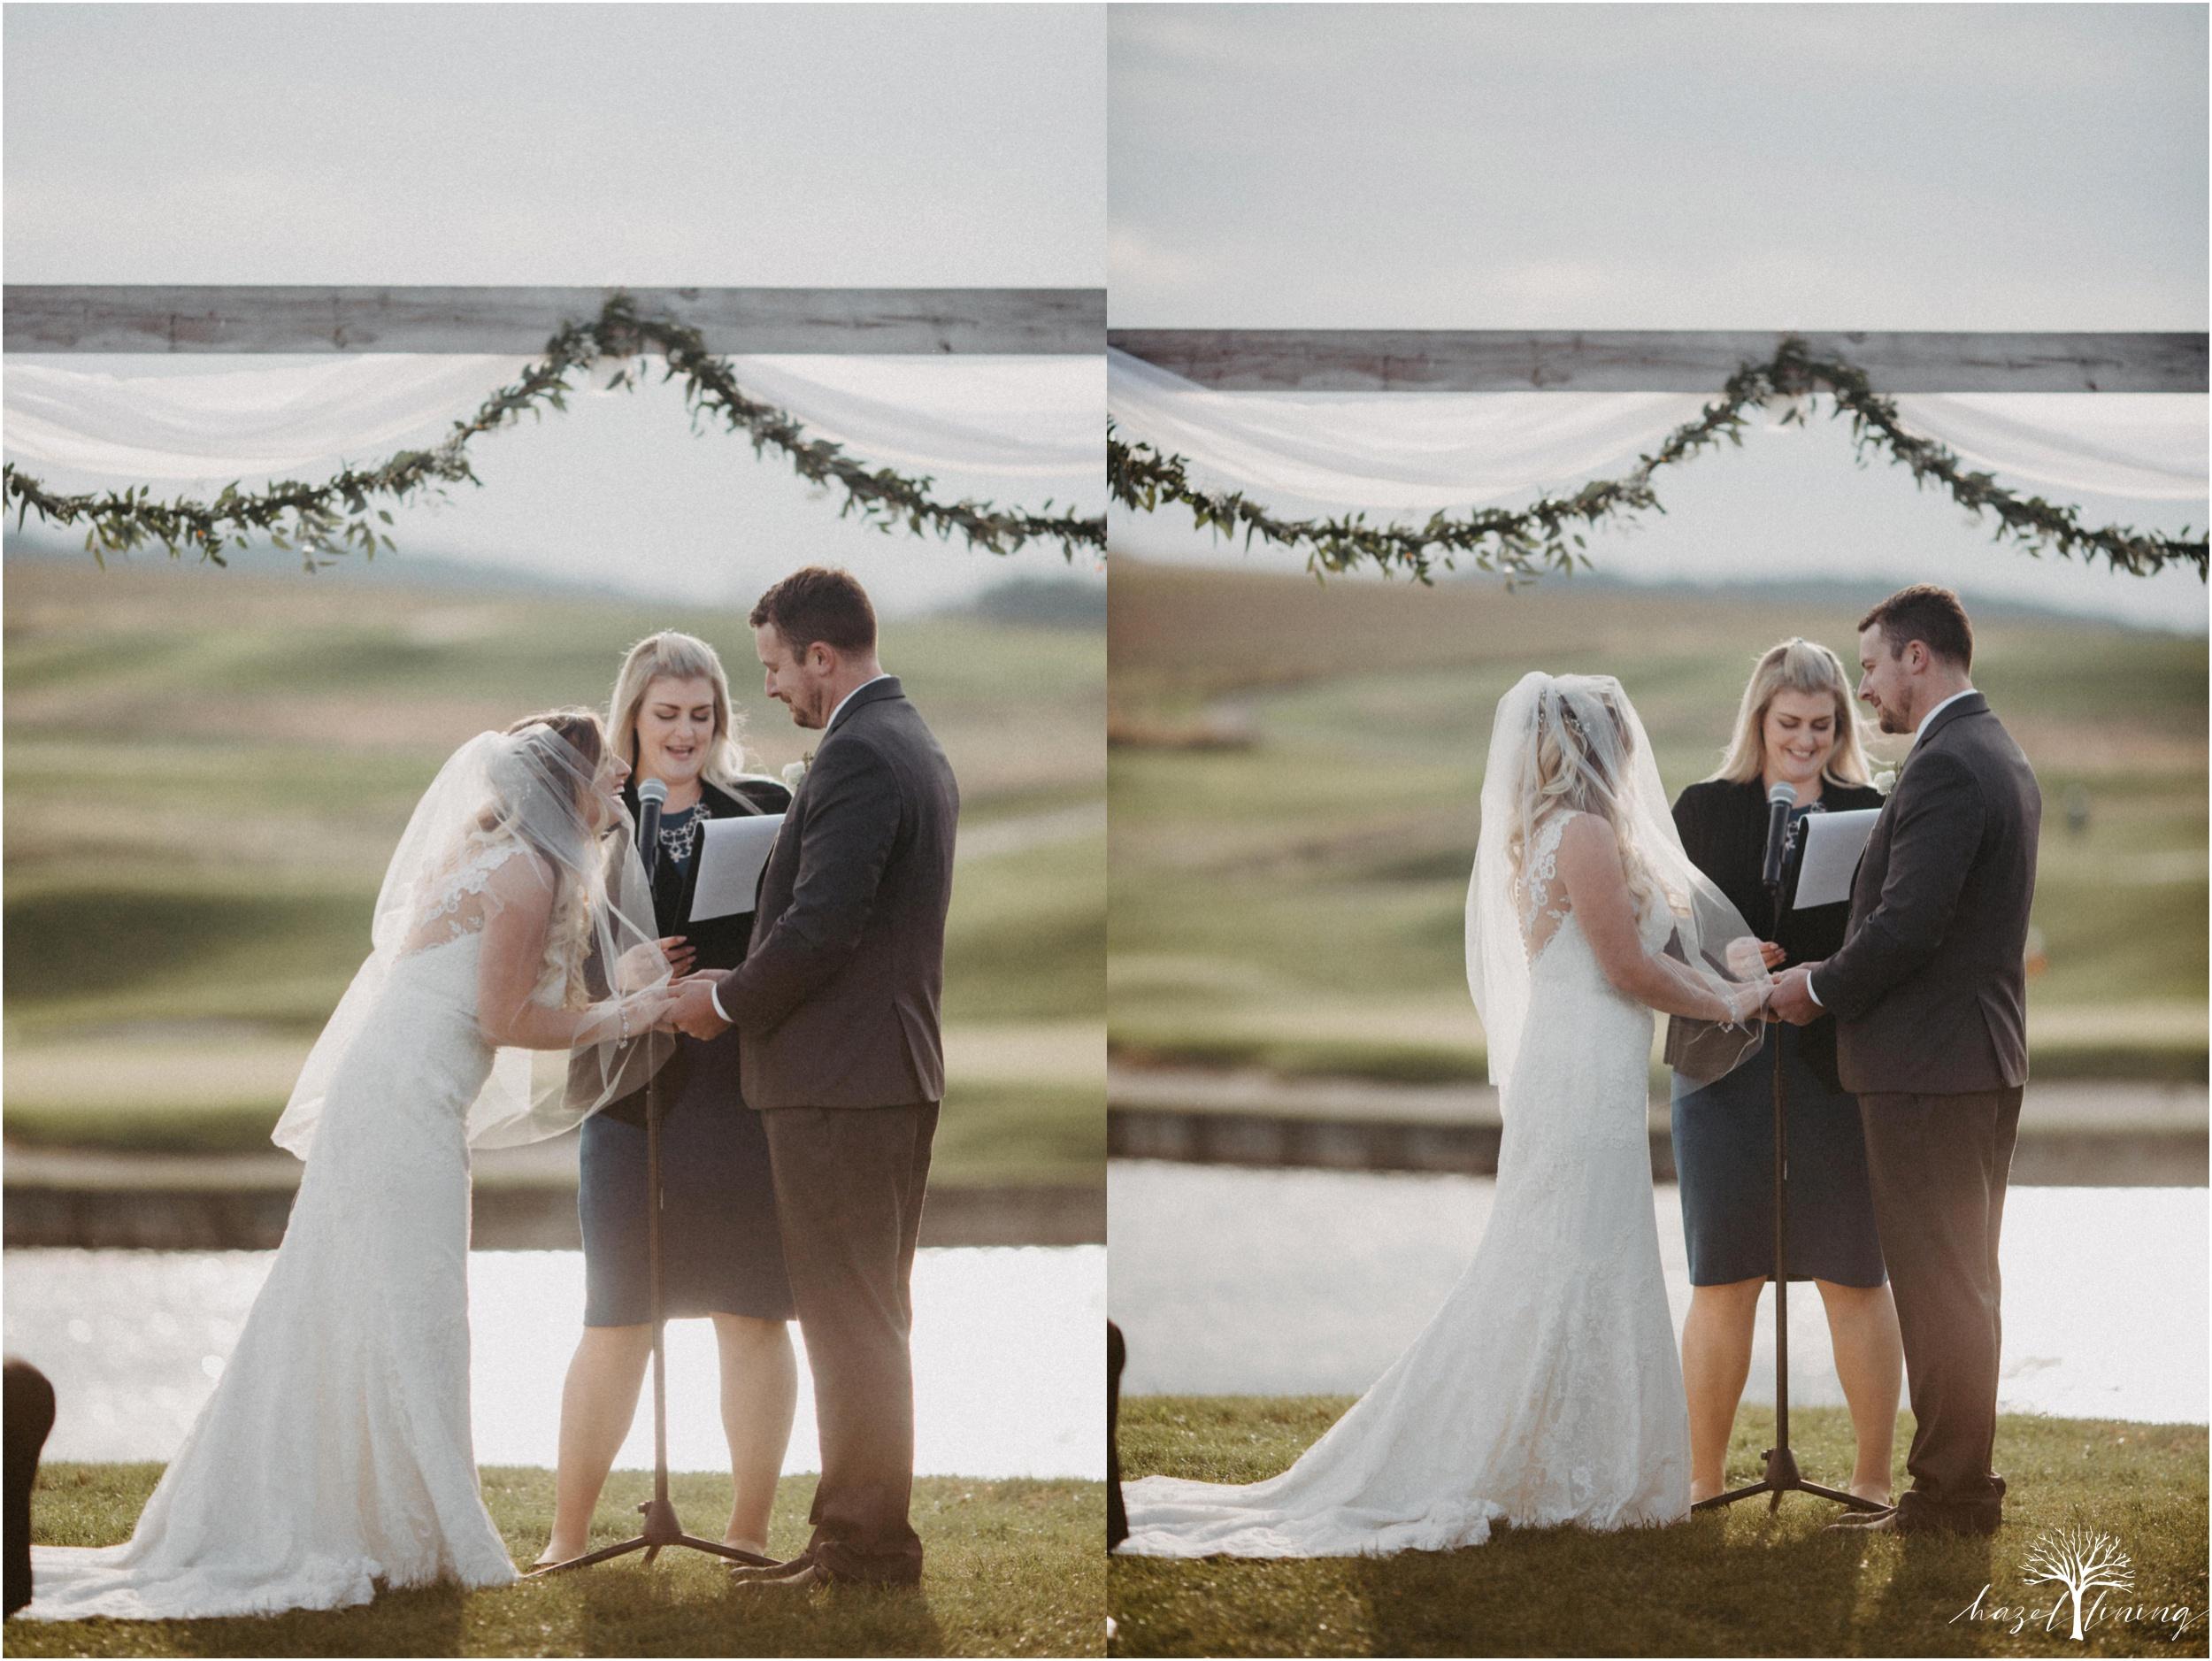 jessie-martin-zach-umlauf-olde-homestead-golfclub-outdoor-autumn-wedding_0101.jpg